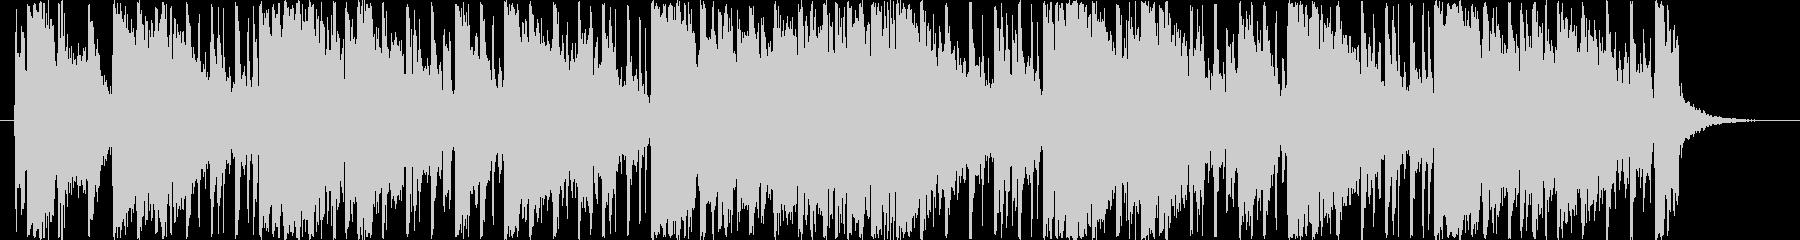 エレクトロニカ & ポップの未再生の波形